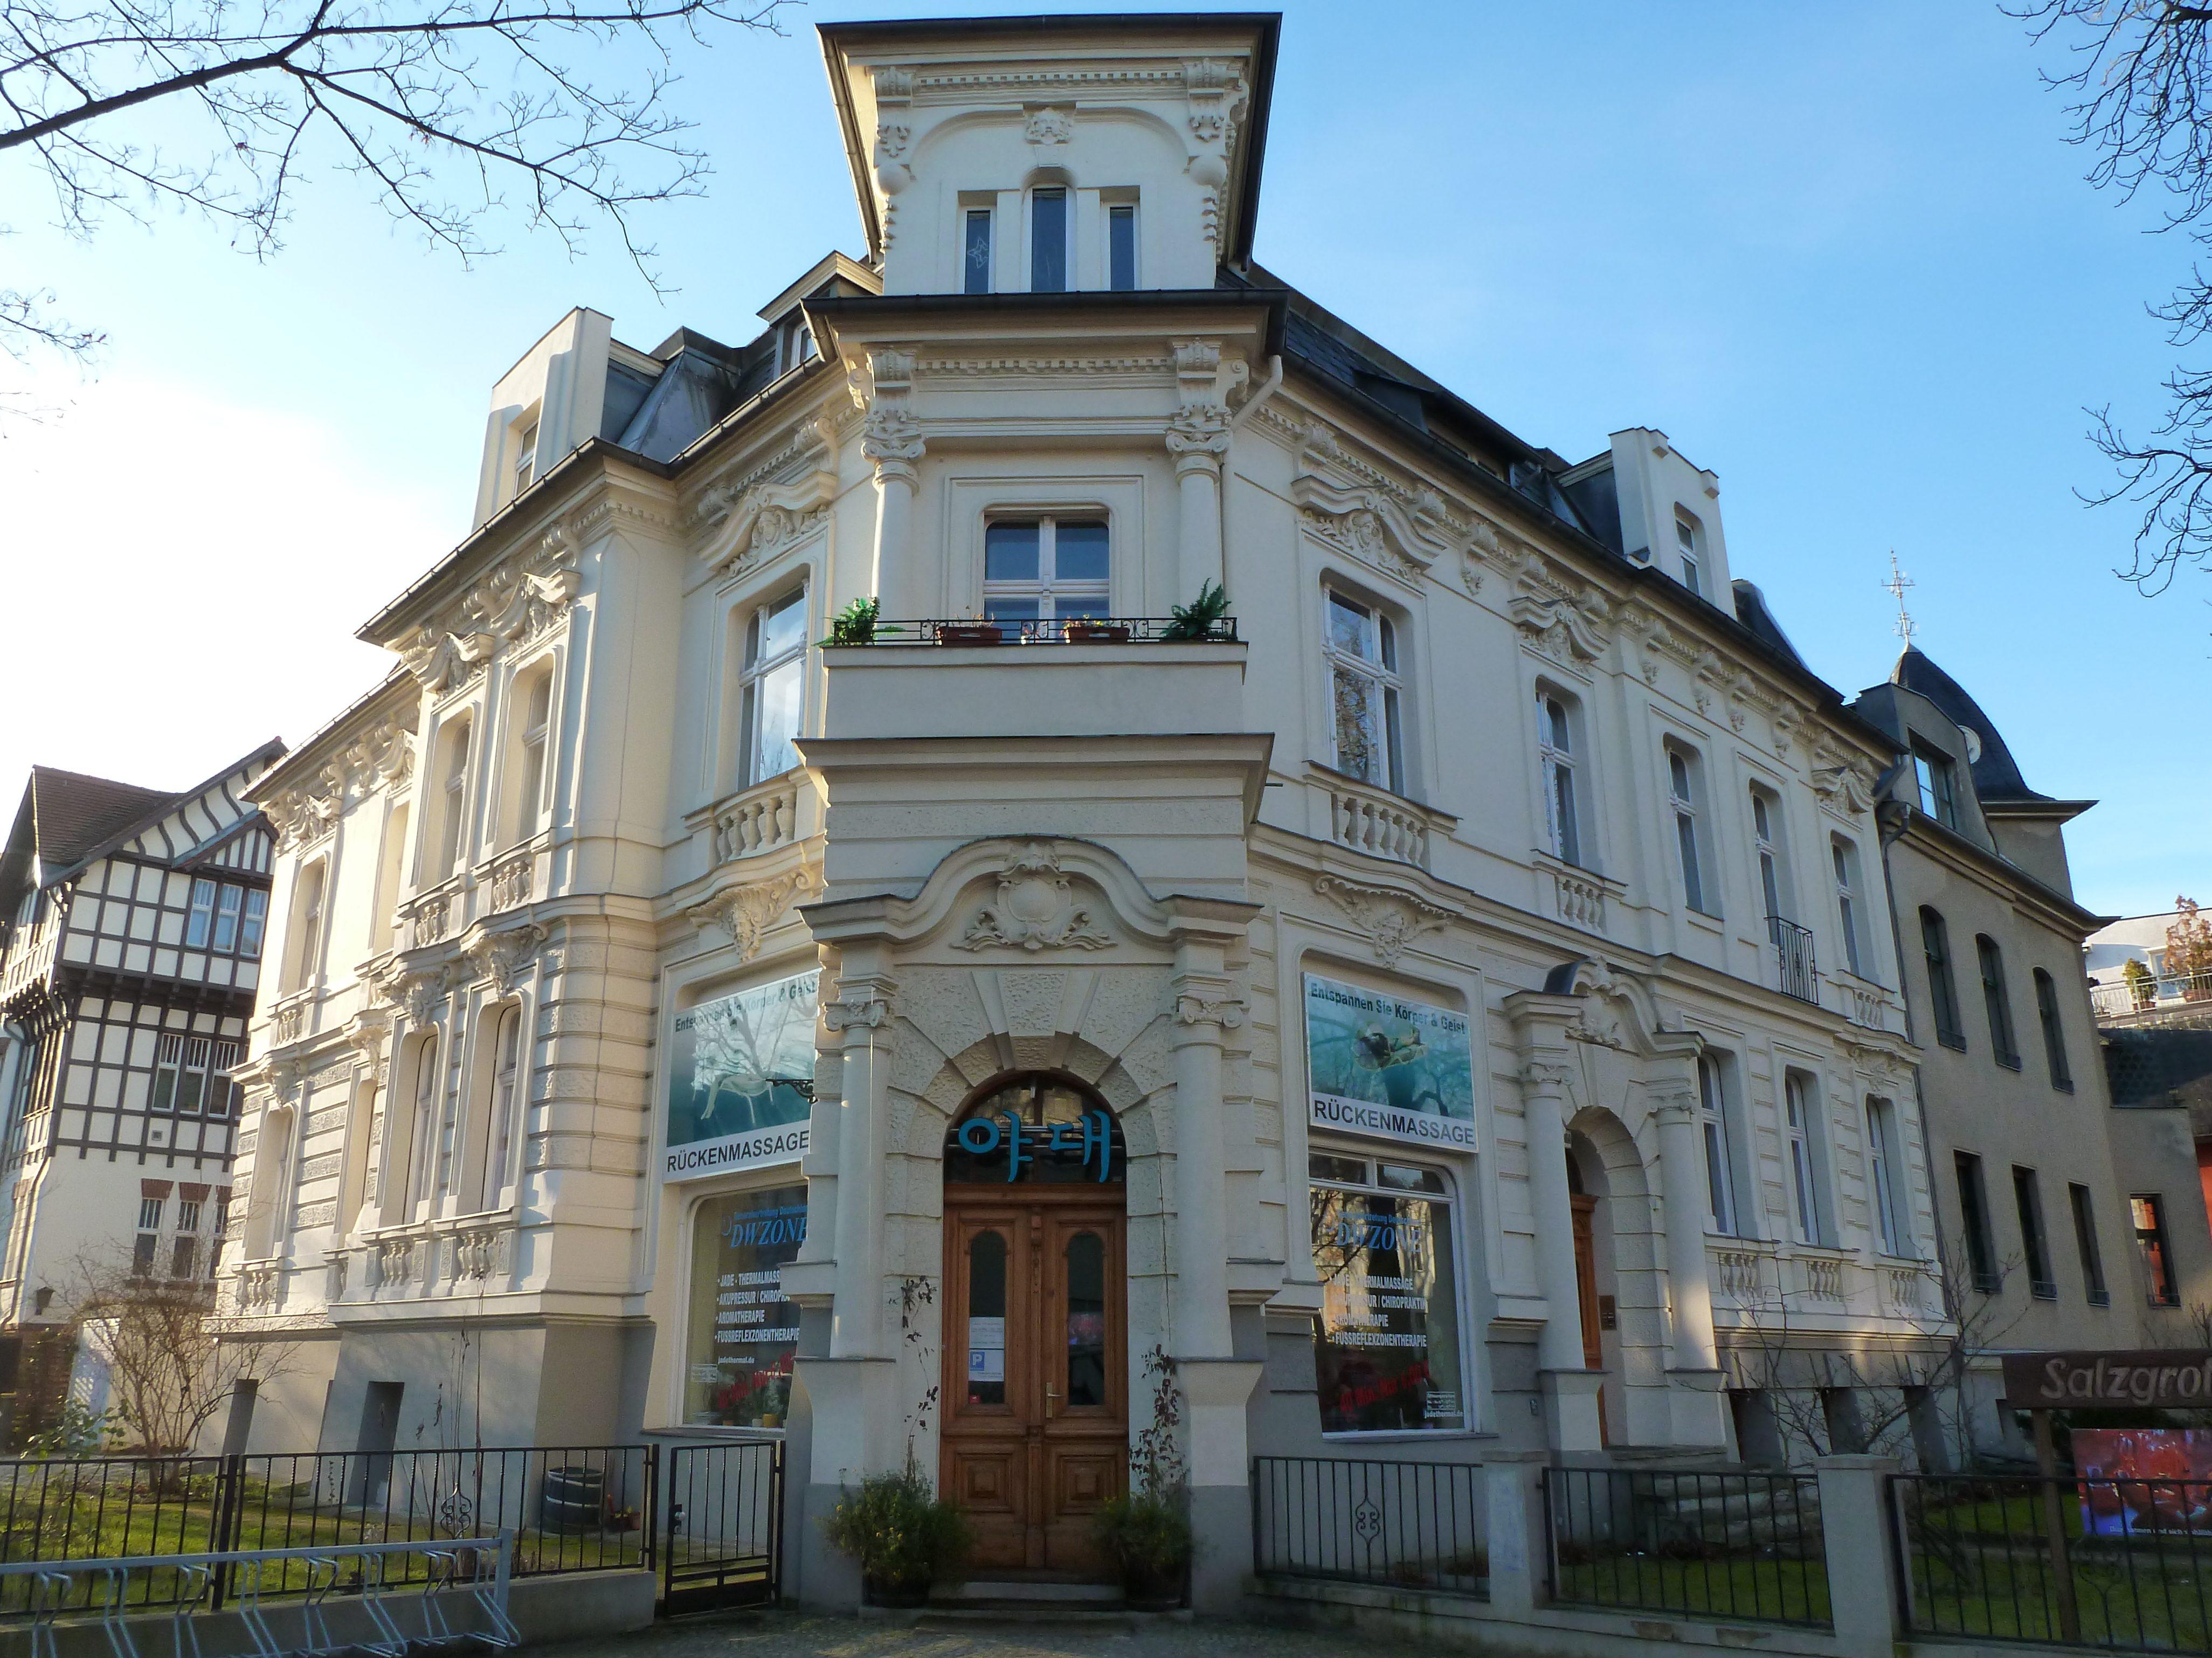 Das Jadehaus in Lichterfelde: Hinter der schicken Fassade sorgen Massagen und eine Salzgrotte für Entspannung und Wohlbefinden.